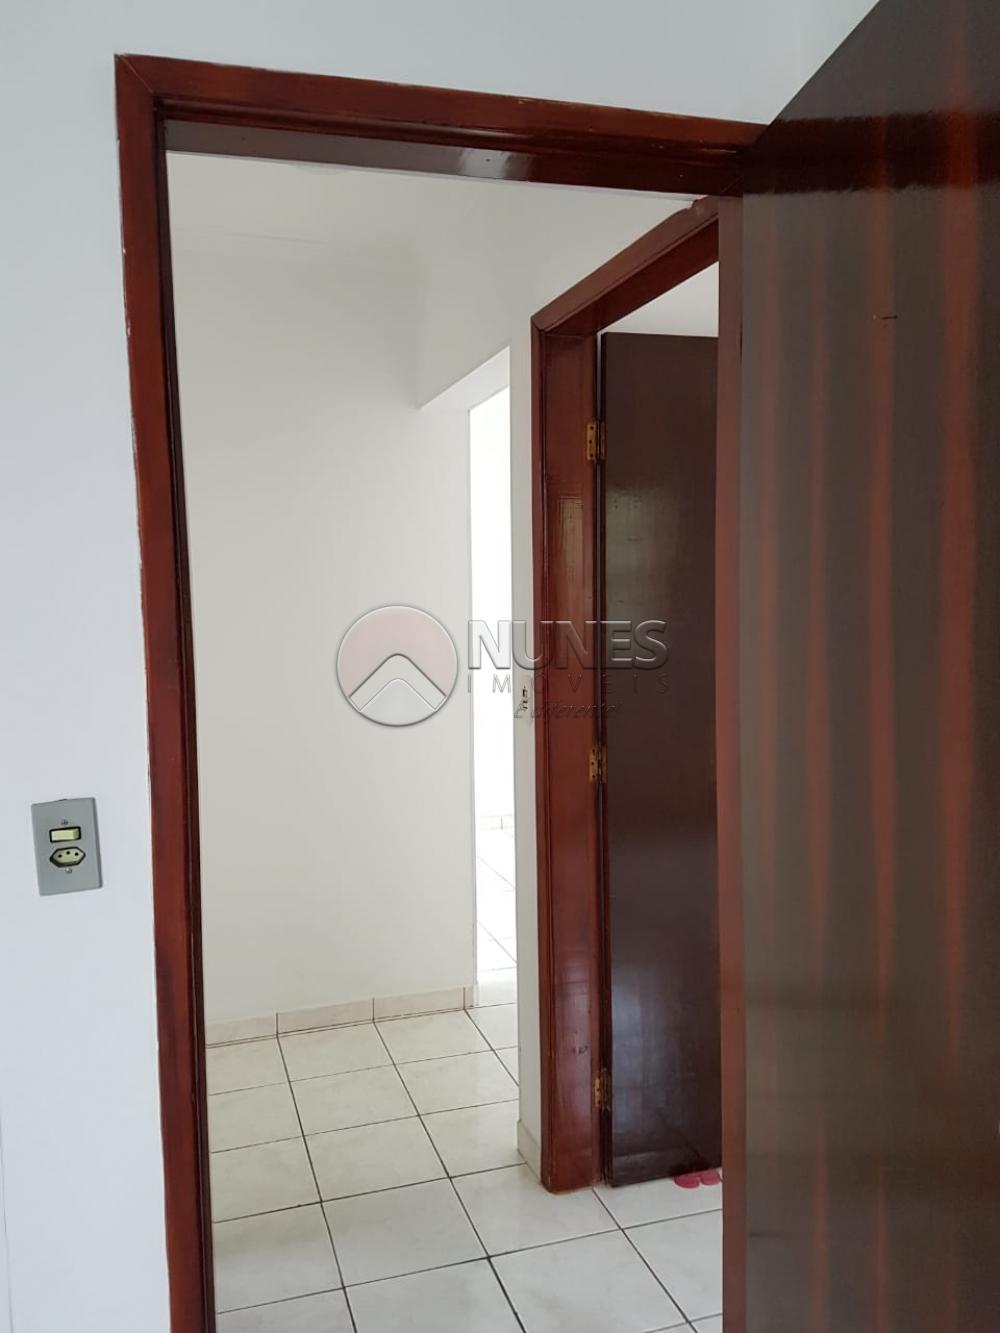 Comprar Apartamento / Padrão em Osasco apenas R$ 215.000,00 - Foto 7